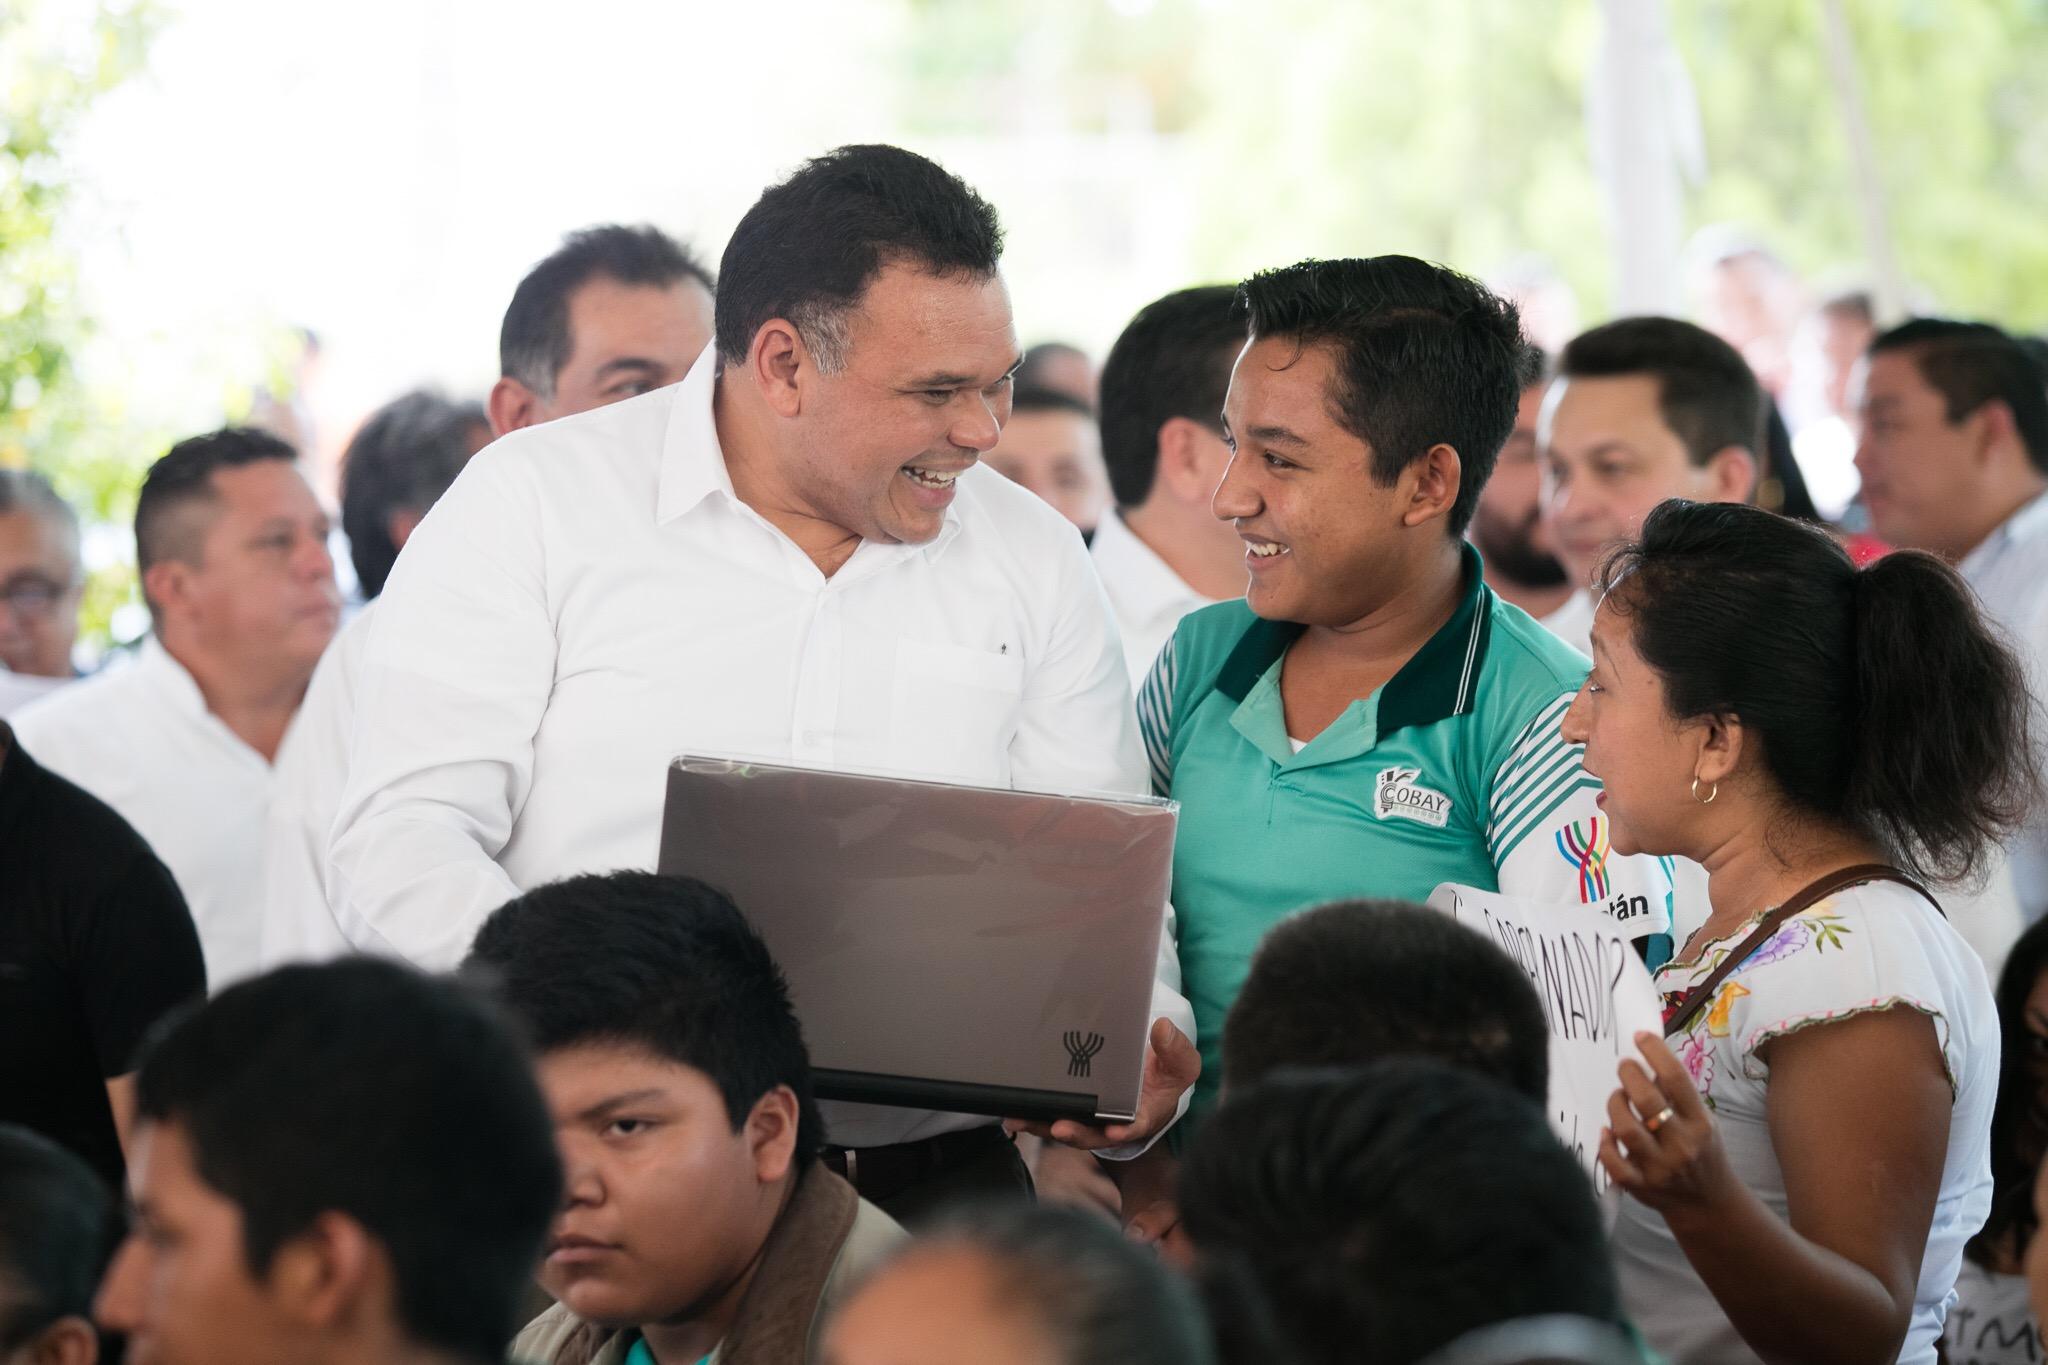 Equipos de cómputo y obras de infraestructura en sur de Yucatán